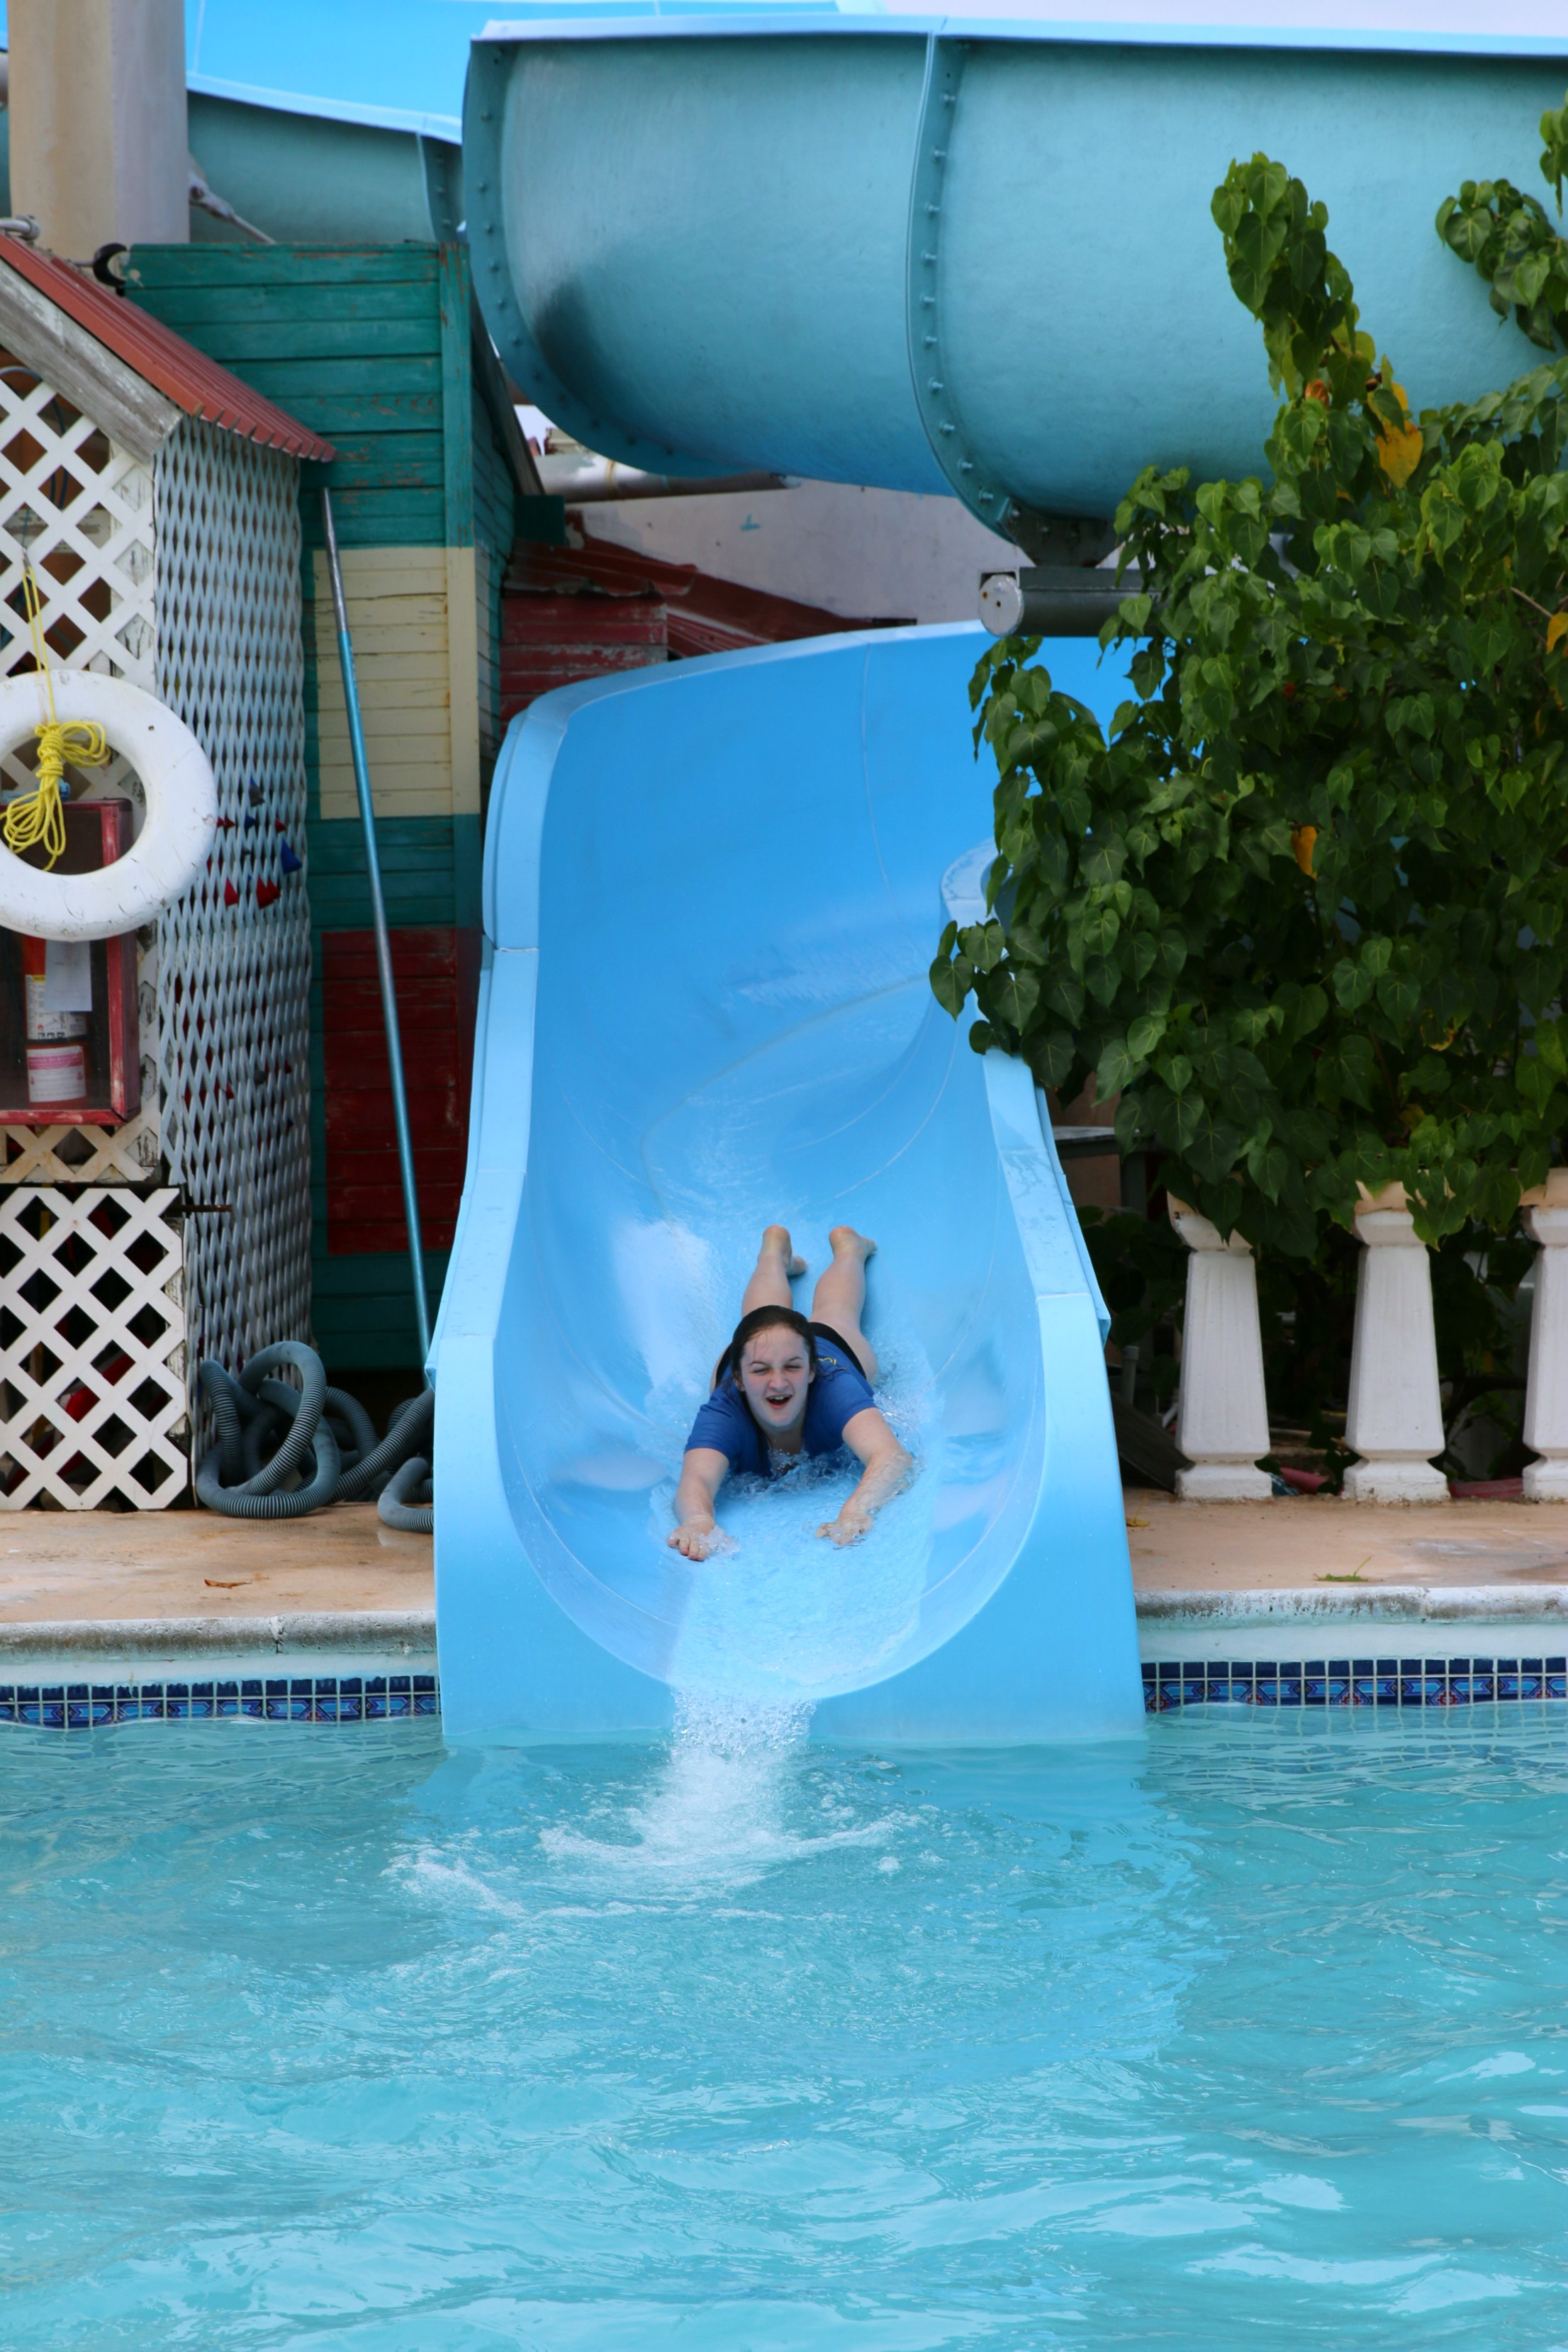 fdr resort slide